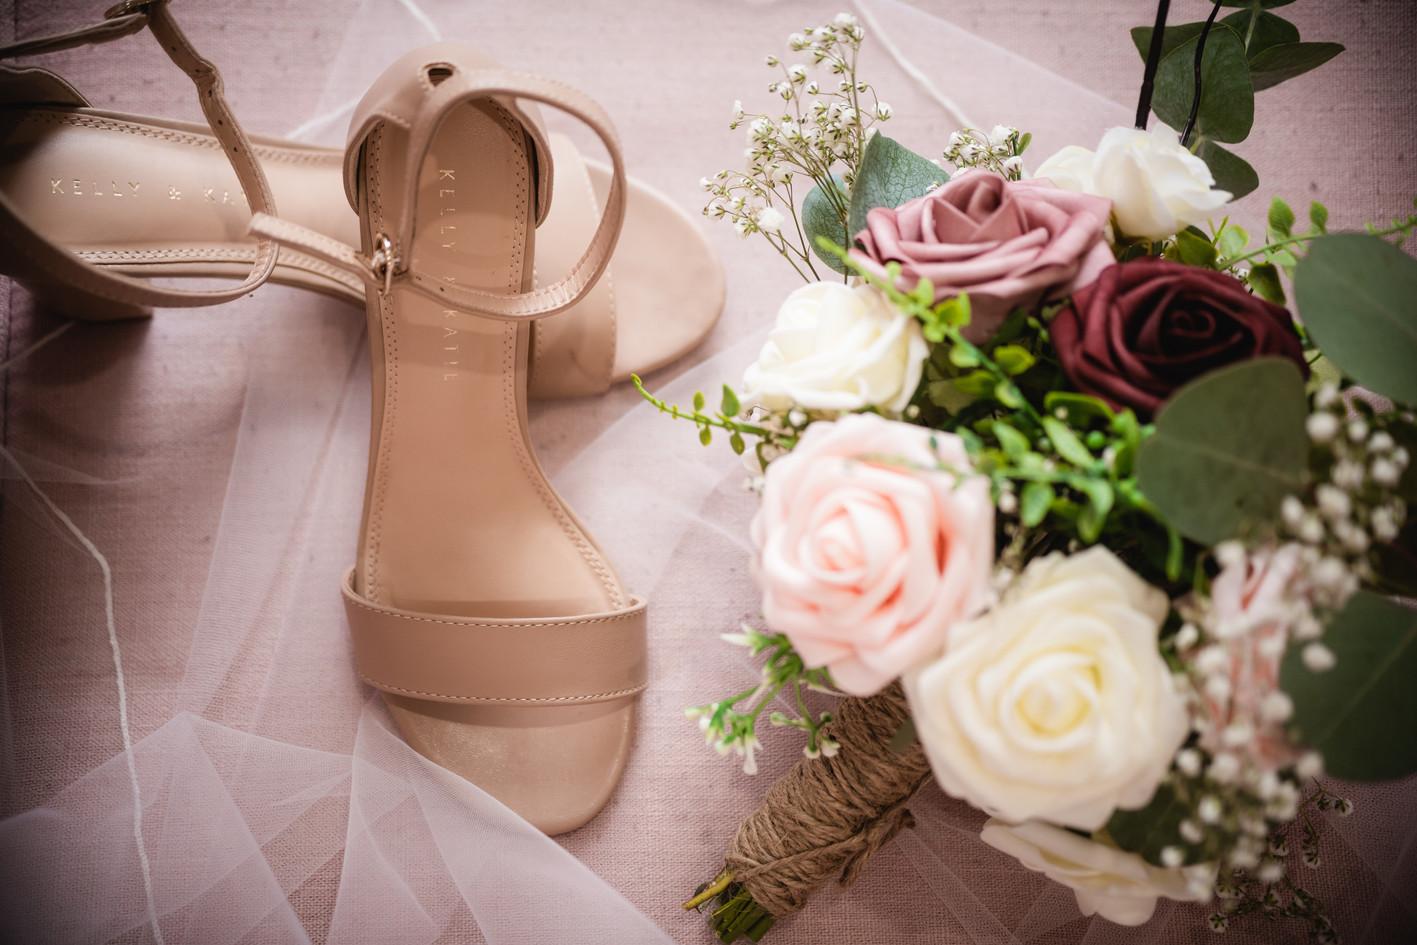 Jercio & Reyna Wedding 9-14-19-31.jpg